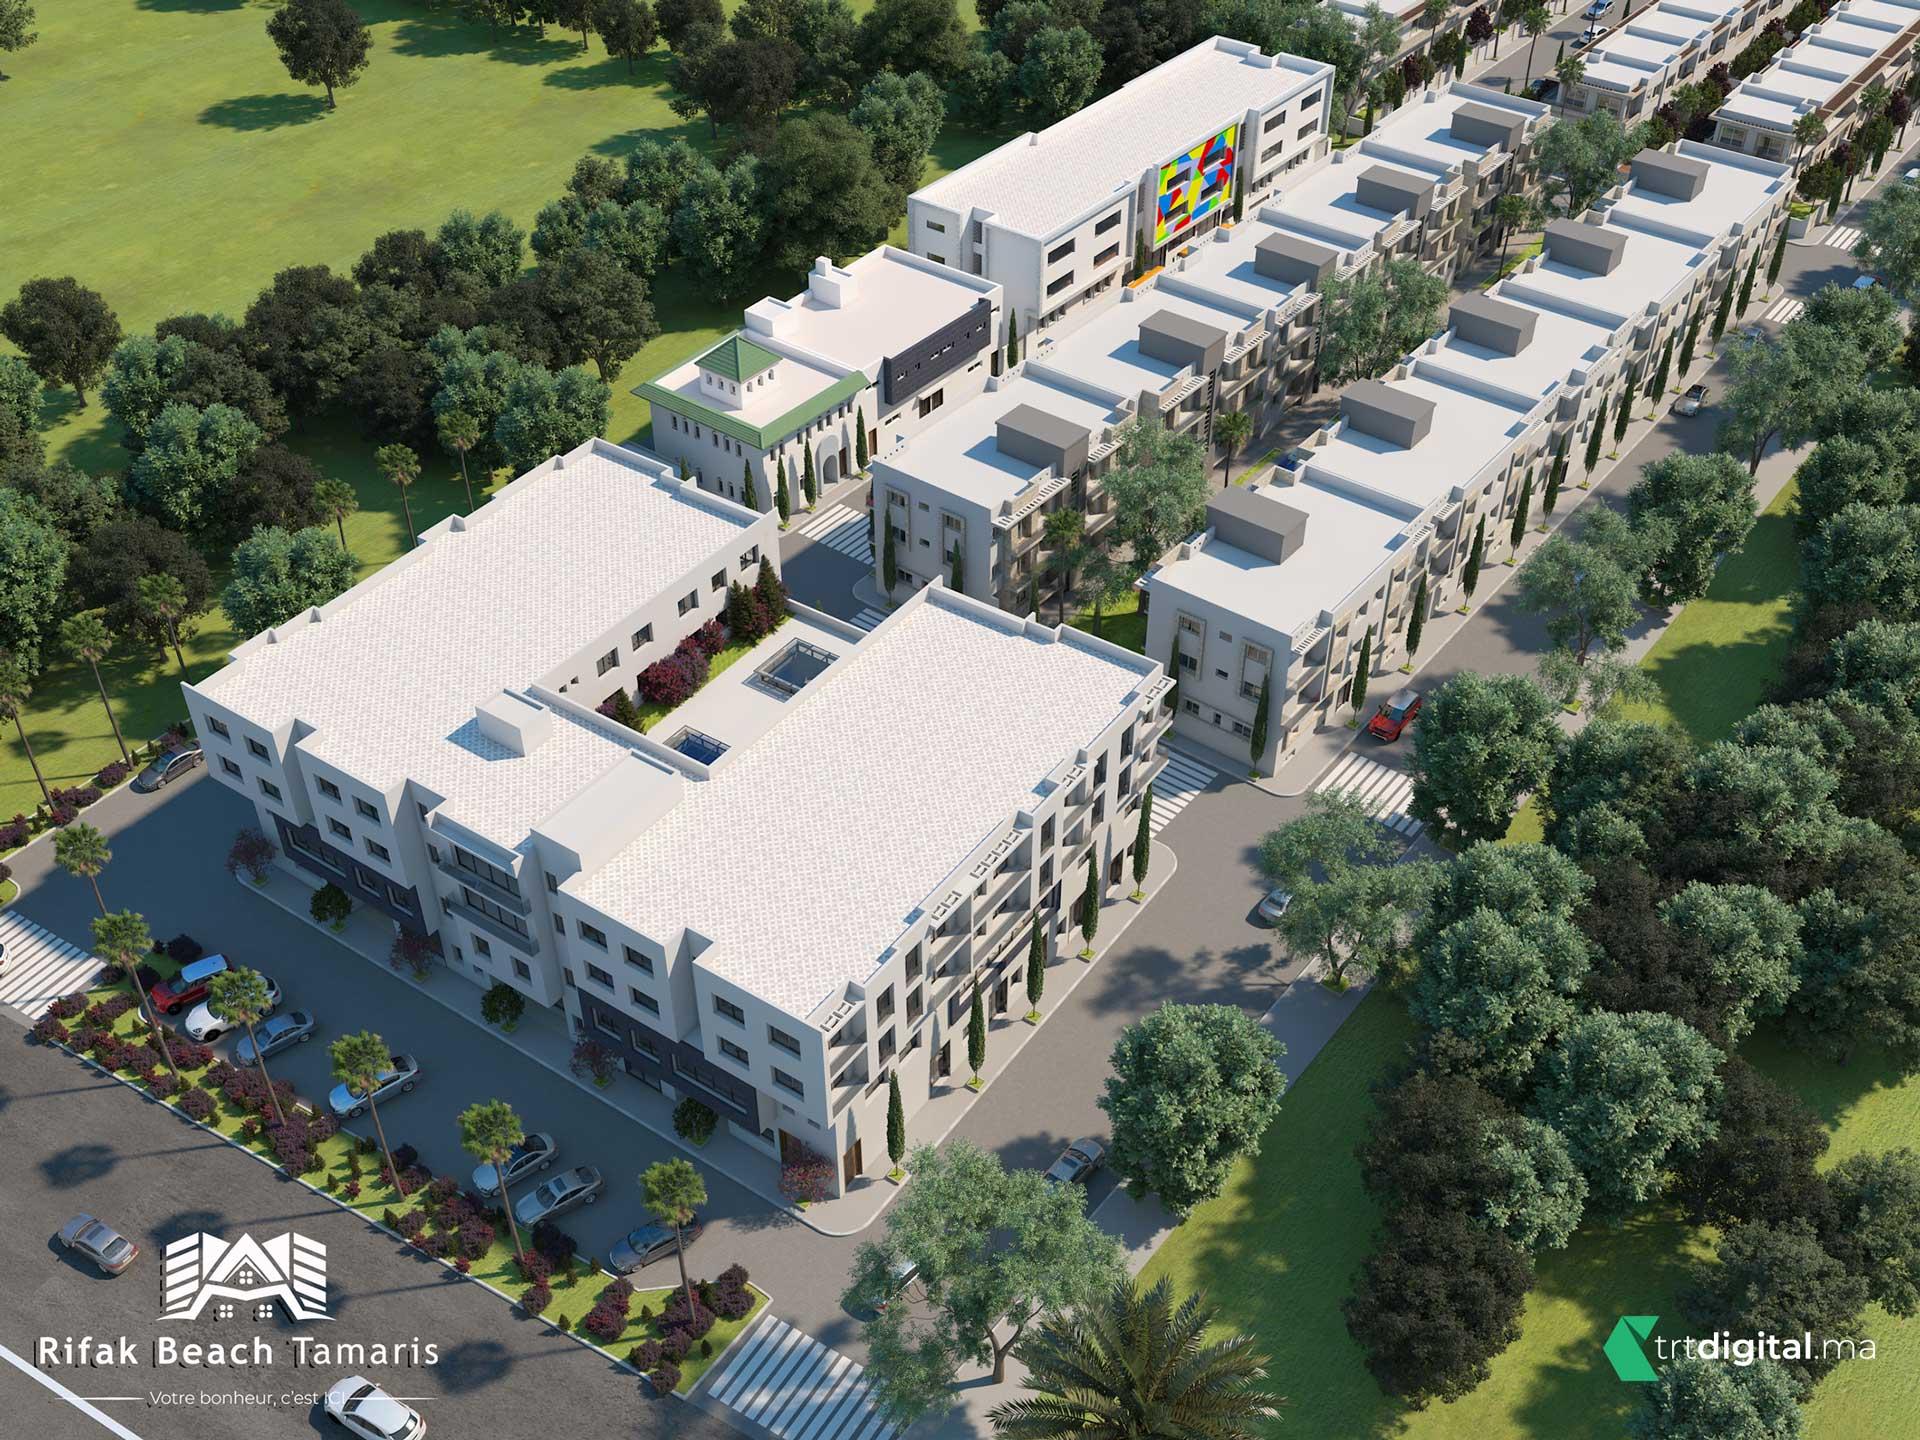 iCom-Agence-de-Communication-au-Maroc-Casablanca-creation-photo-archetecture-interieur-exterieur-3d2020-05-24 at 4.31.04 PM 10